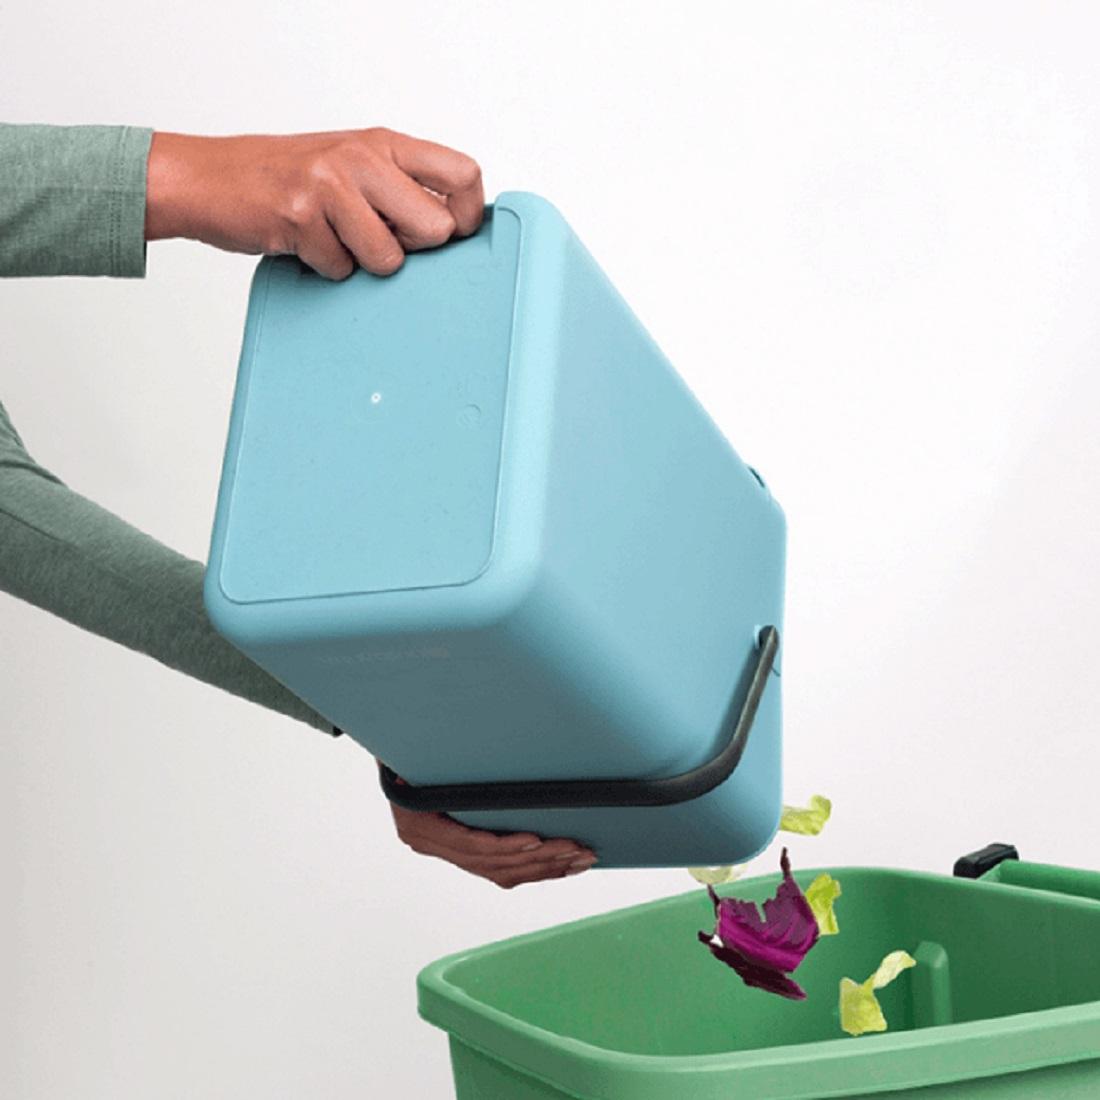 Ведро для мусора Sort&Go Brabantia, объем 12 л, мятный Brabantia 109744 фото 4